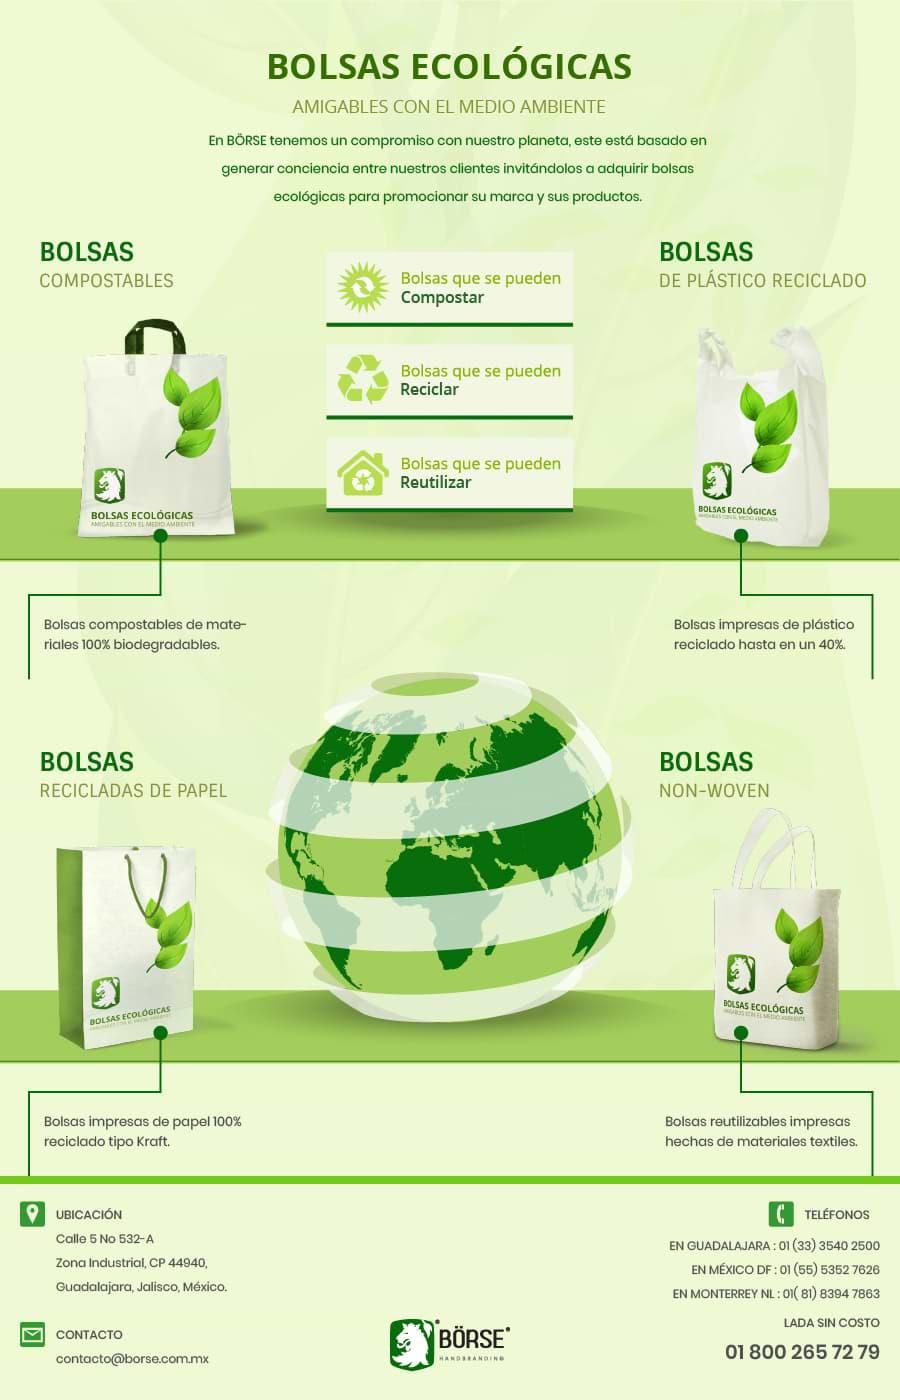 6ae883d50 Bolsas Ecológicas - Amigables con el Medio Ambiente | BÖRSE